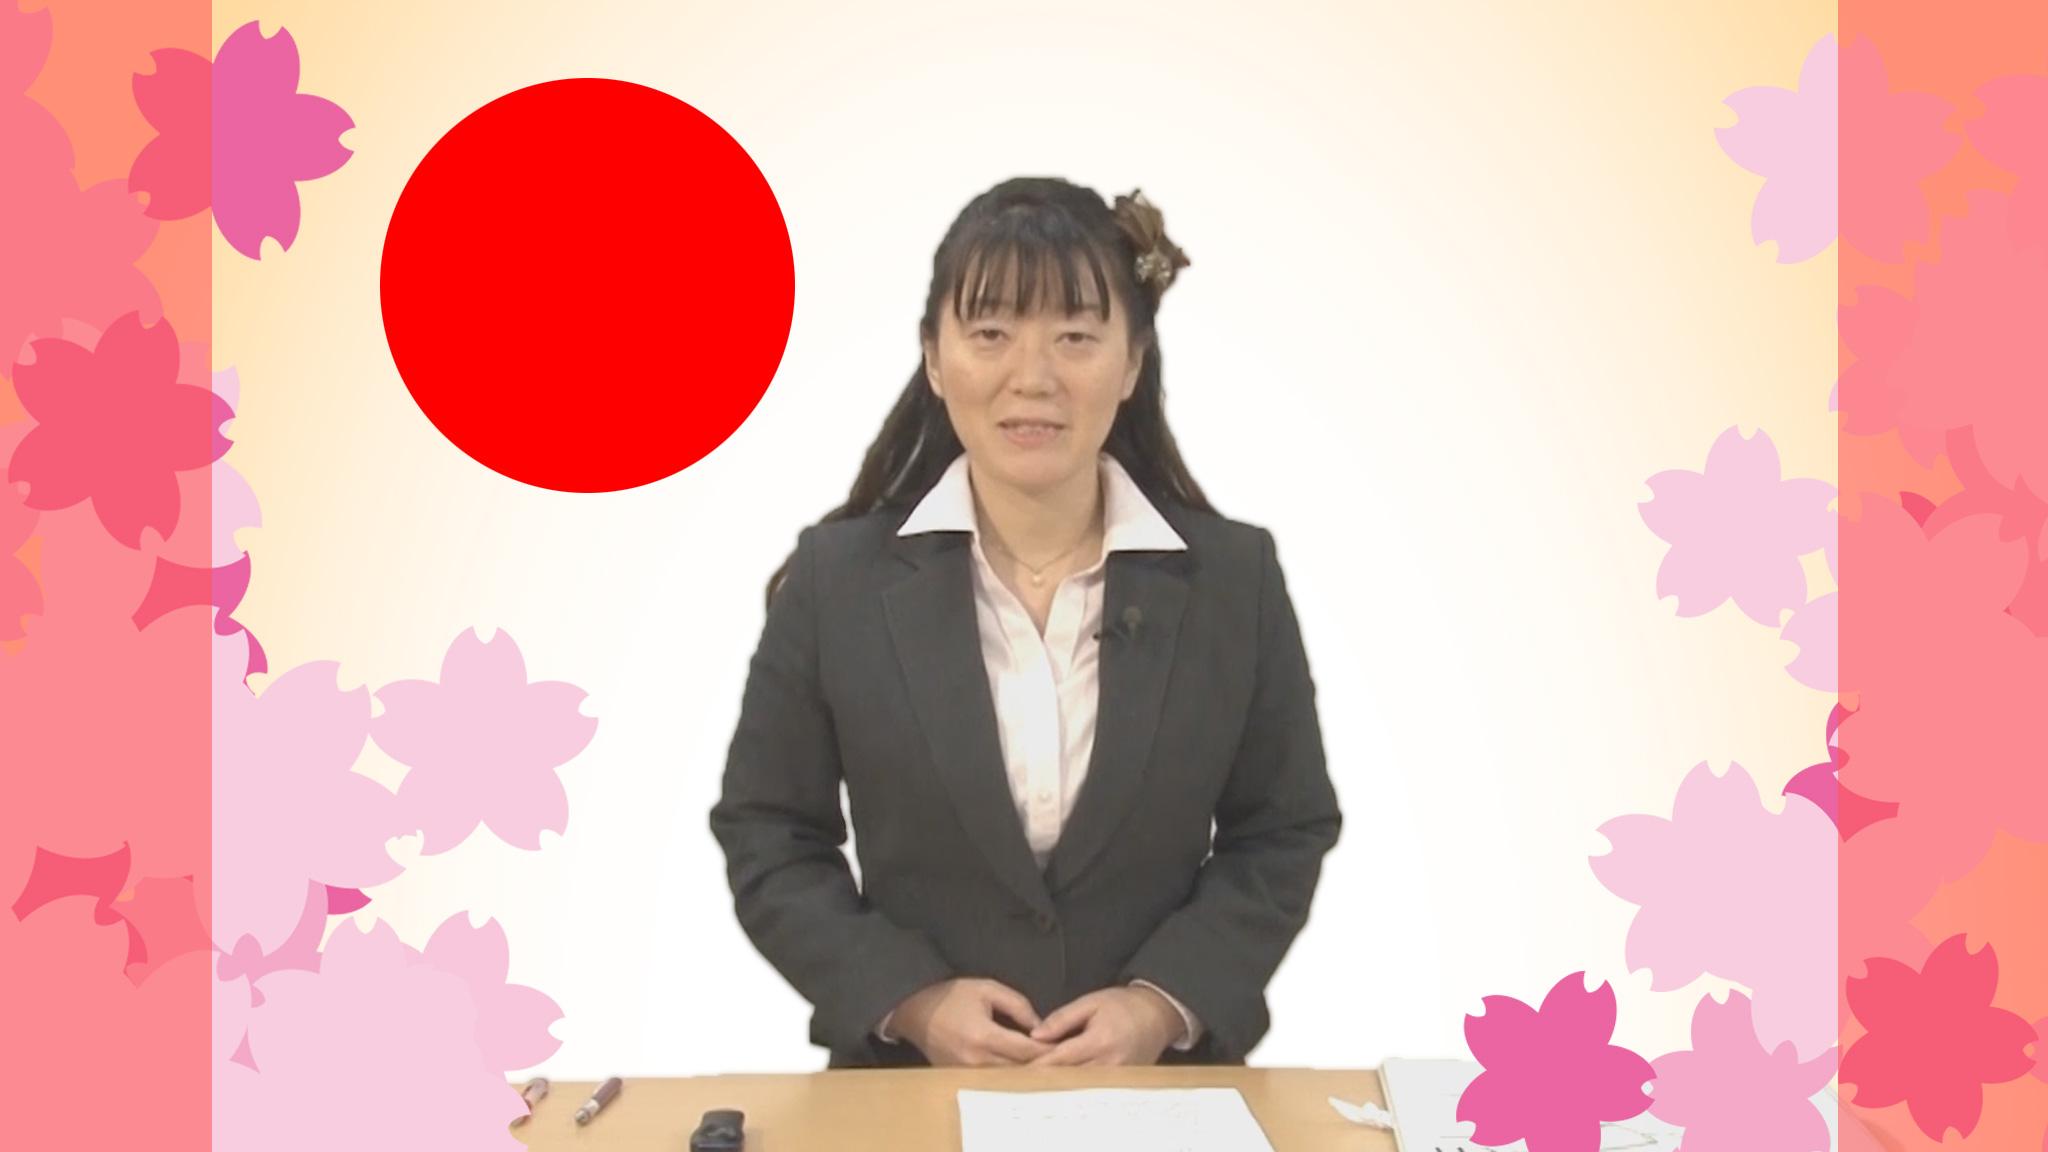 阿曽村 陽子 Yoko Asomura)